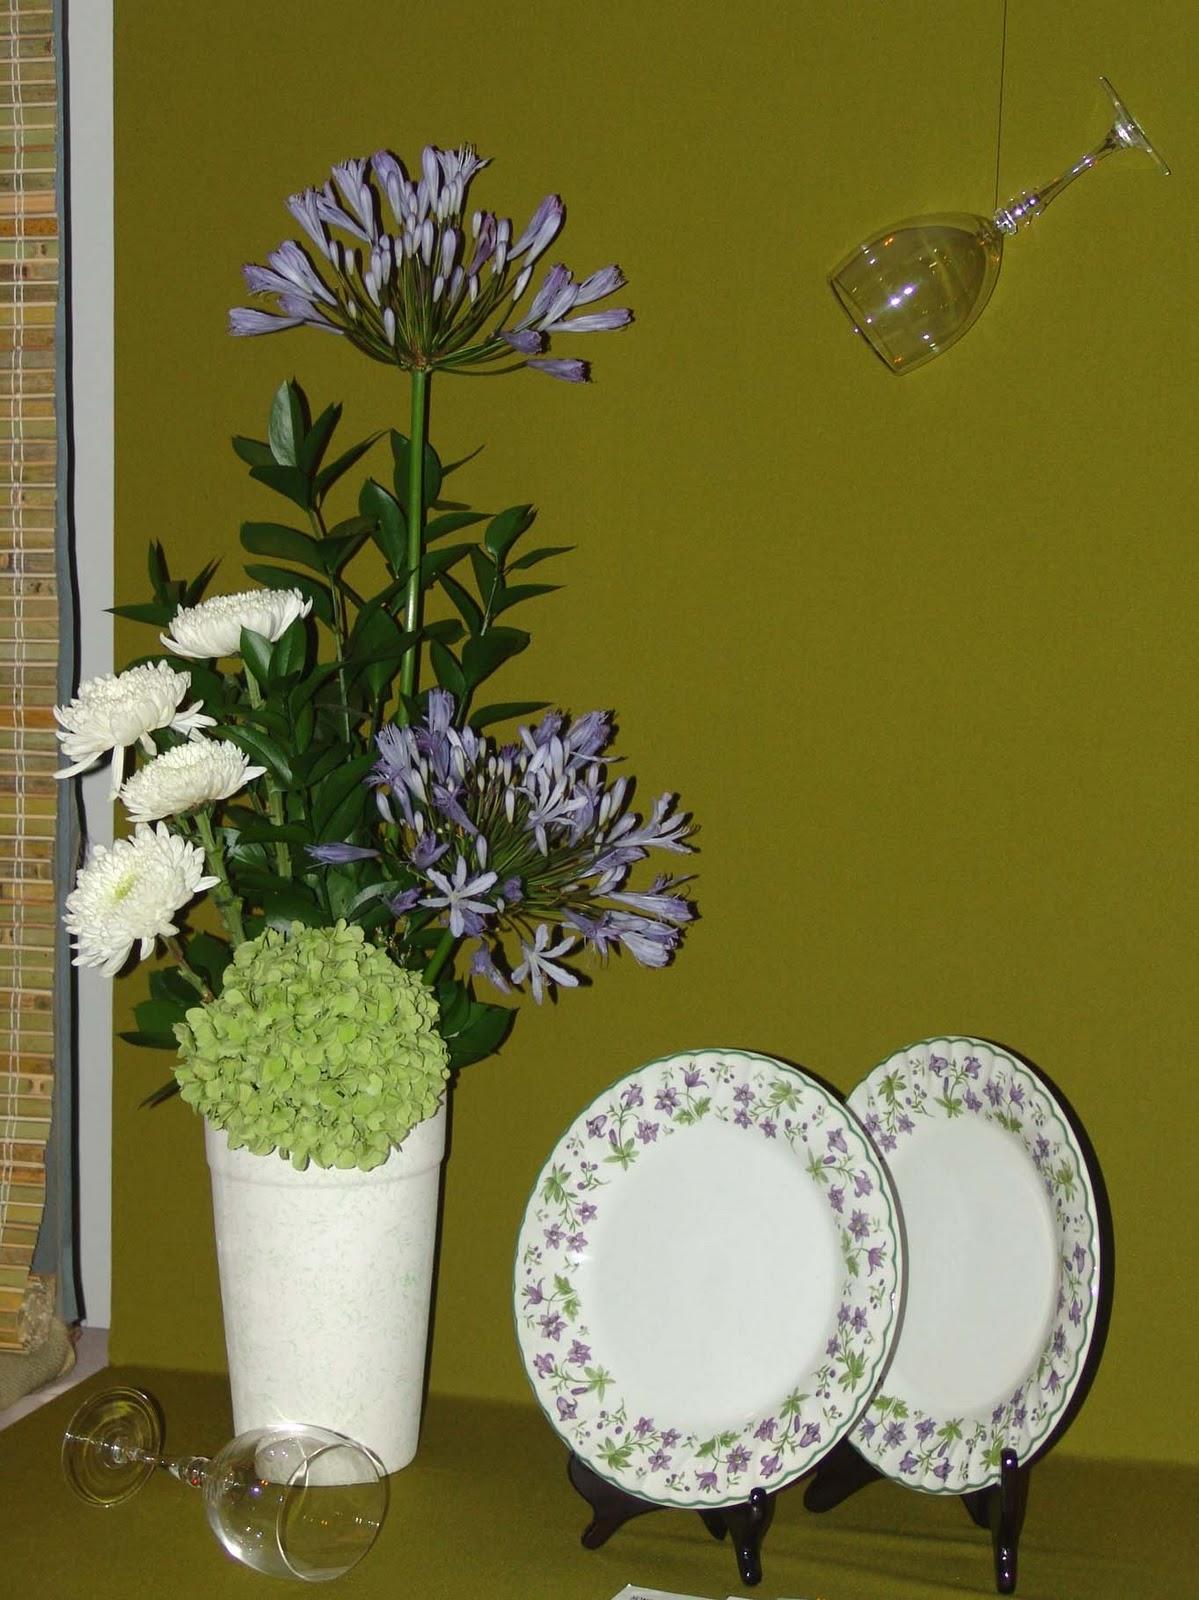 Arreglos florales creativos mesa de exhibici n tipo i compartiendo - Arreglos florales creativos ...